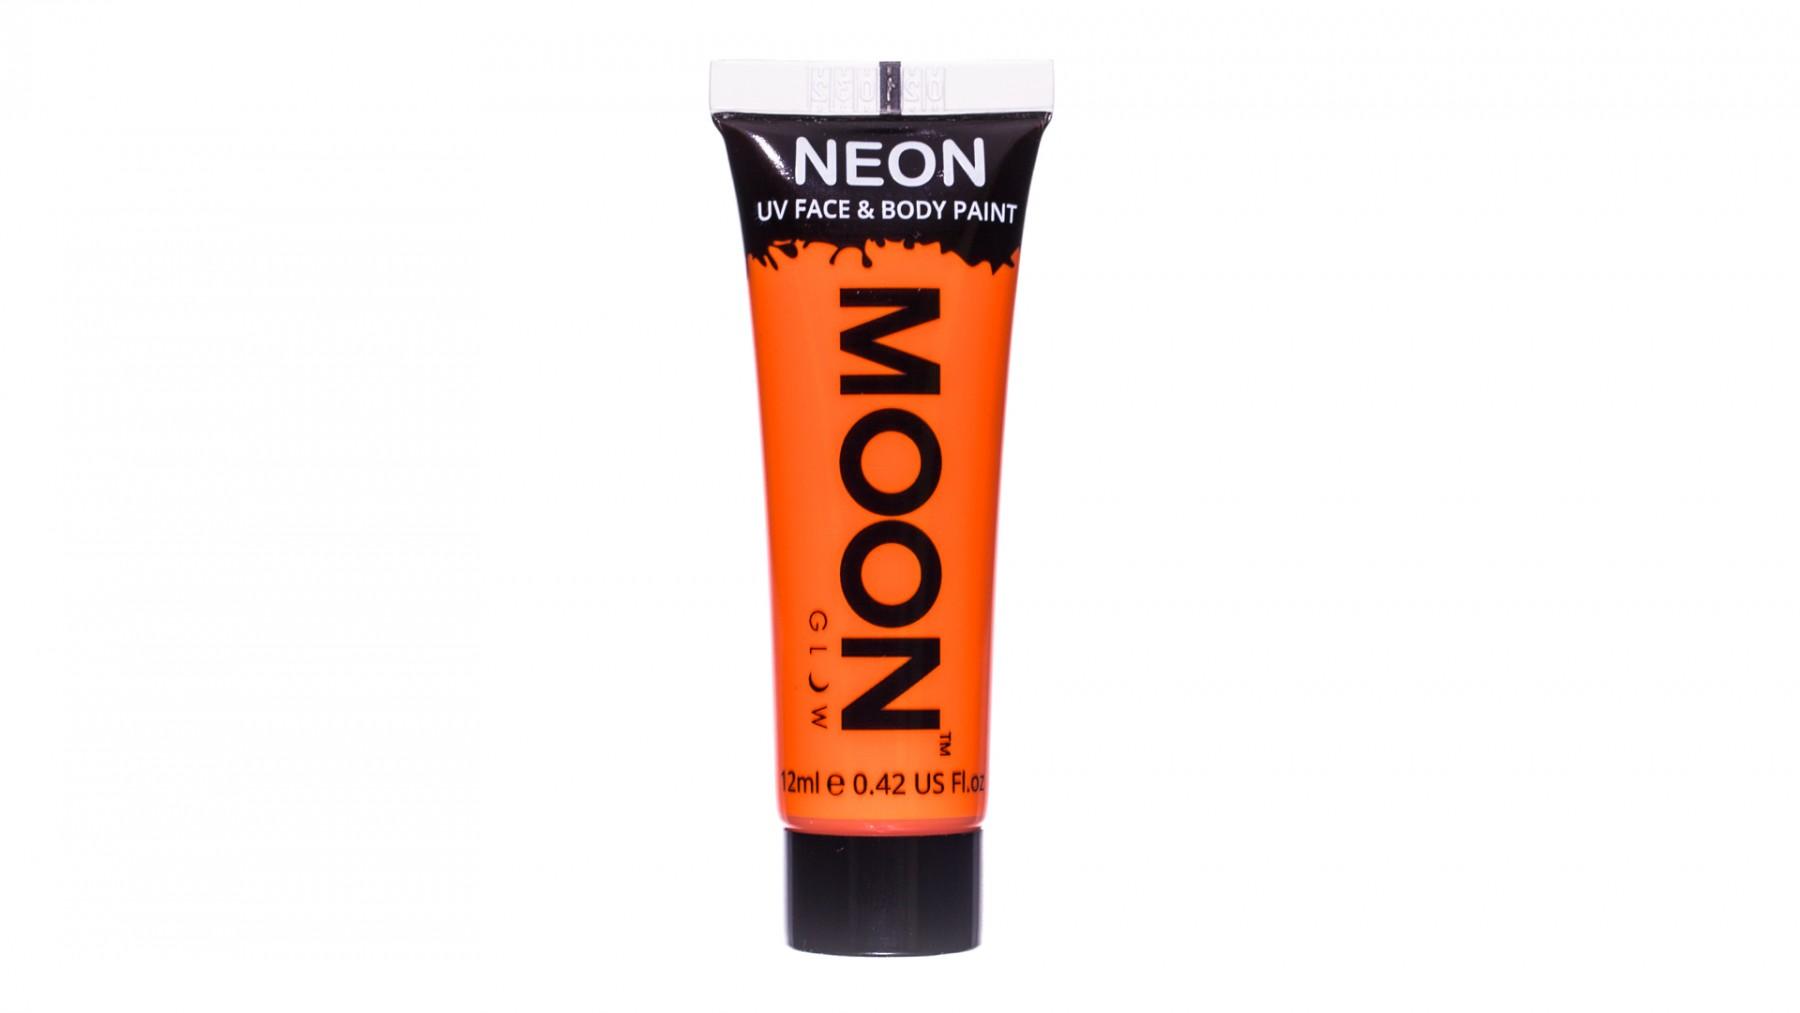 Neon UV cosmetica